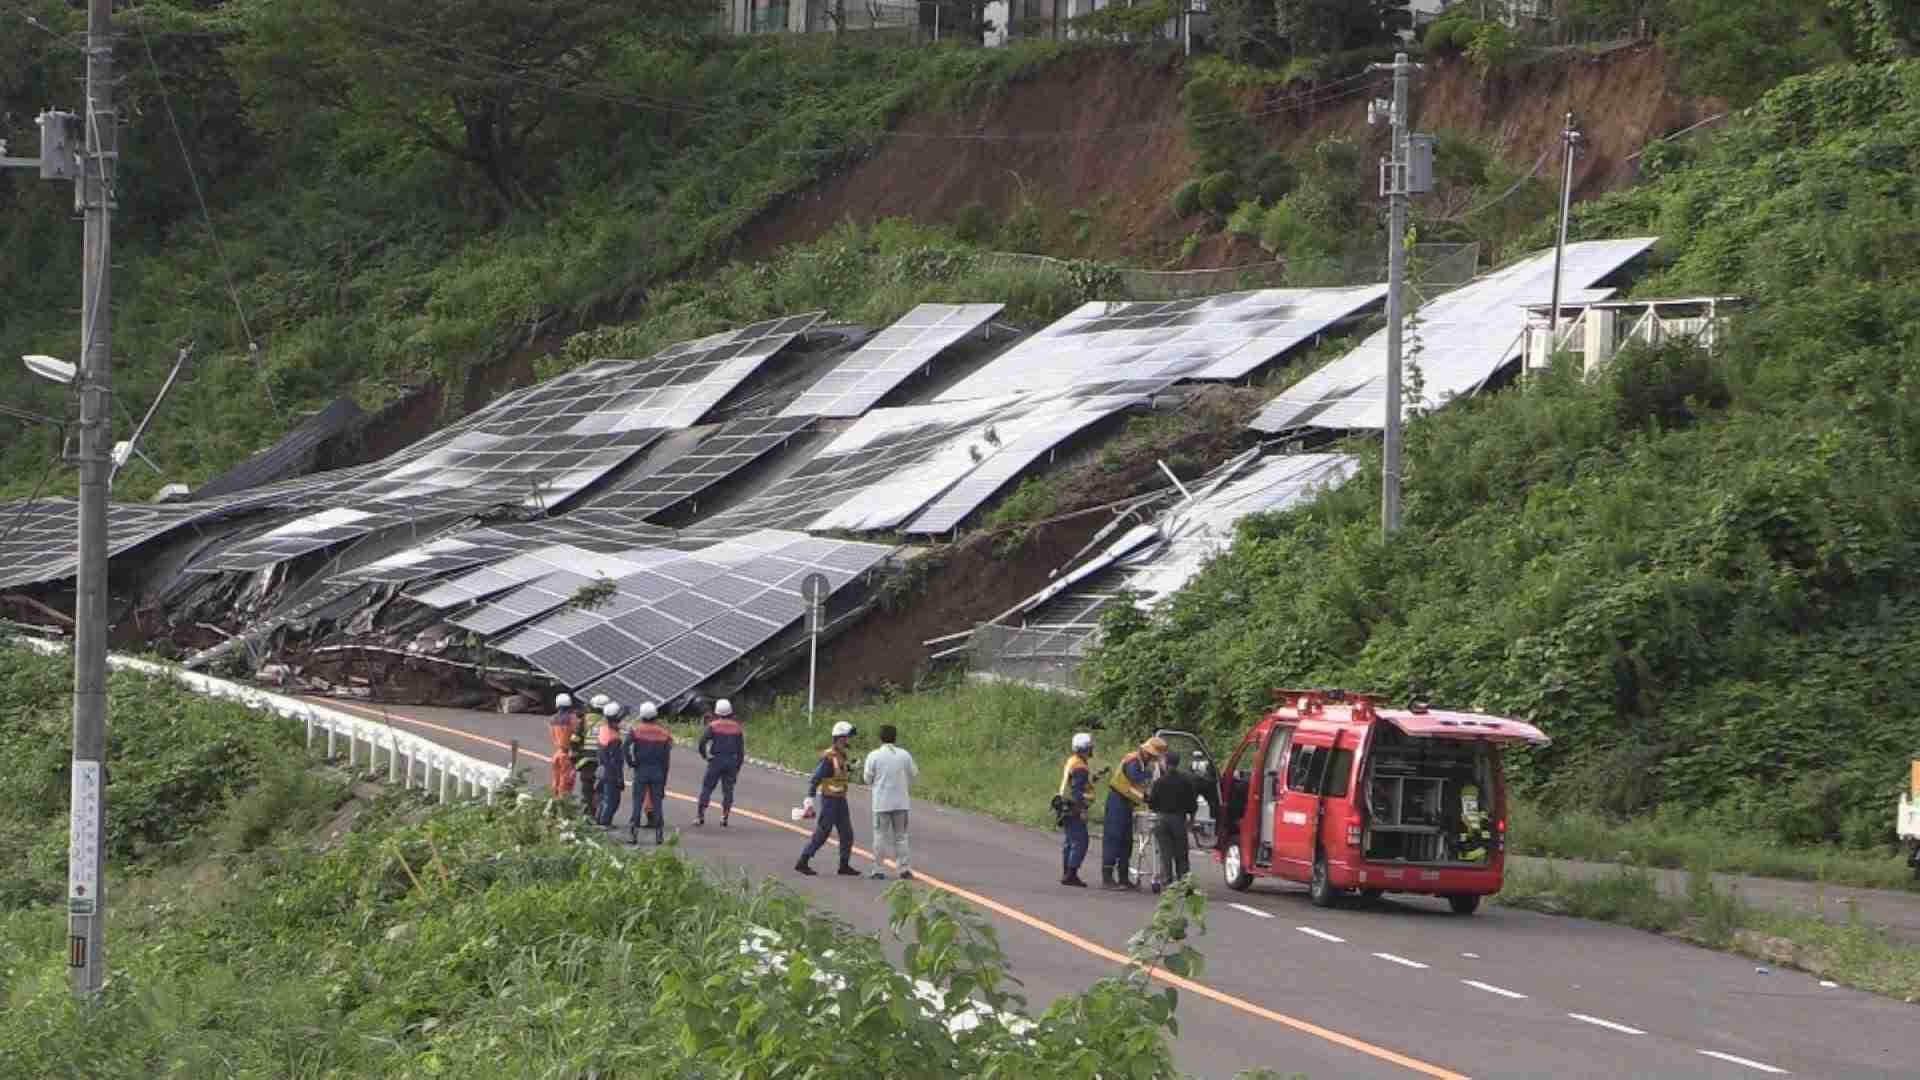 ソーラーパネル崩落 仙台市太白区で土砂崩れ - YouTube